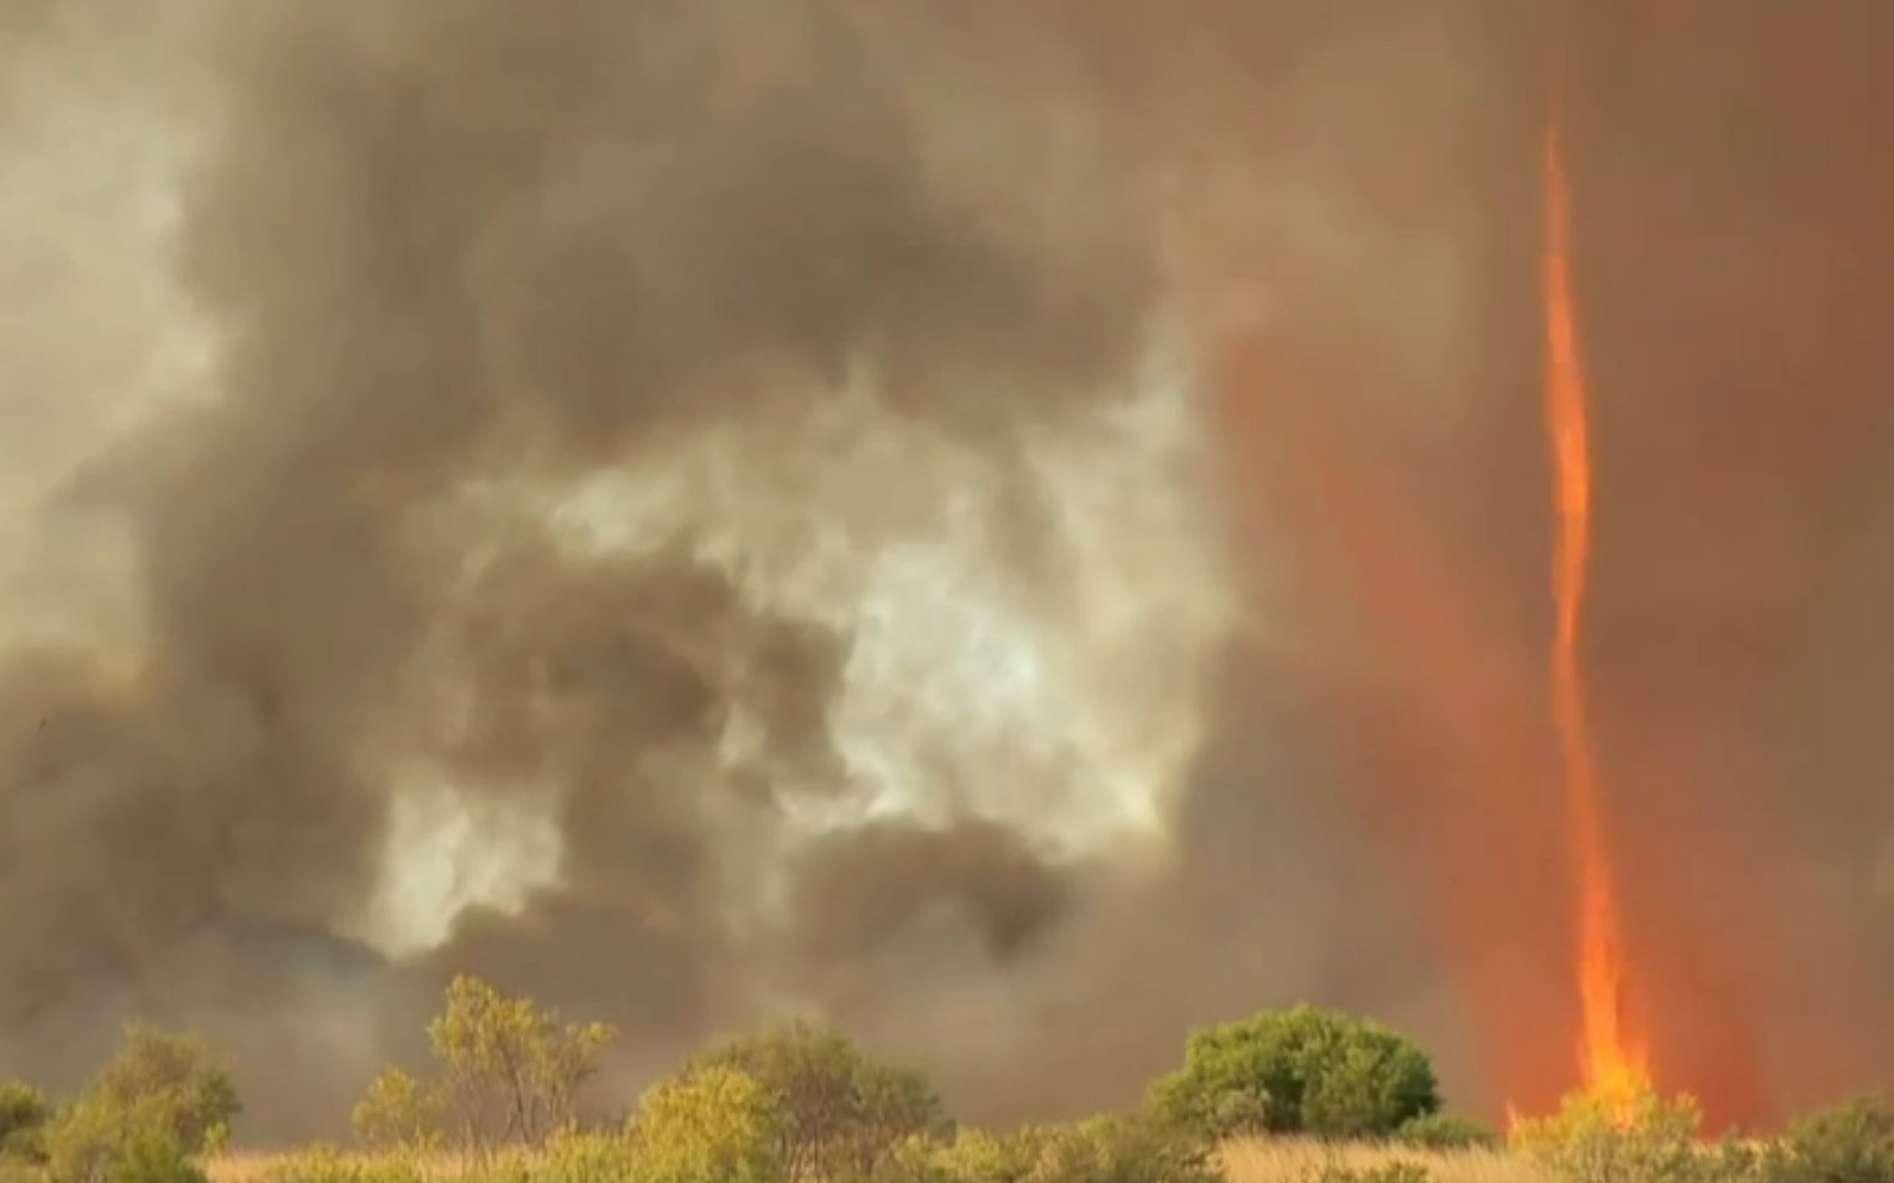 Un tourbillon emporte des débris enflammés sur le front d'un incendie de forêt aux États-Unis. Comme les tourbillons de poussière observés sur de vastes plaines ou déserts surchauffés, ou encore sur l'océan, ce phénomène exige de la chaleur et du vent, lequel peut être généré, ou renforcé, par l'incendie lui-même. © Discovery Science